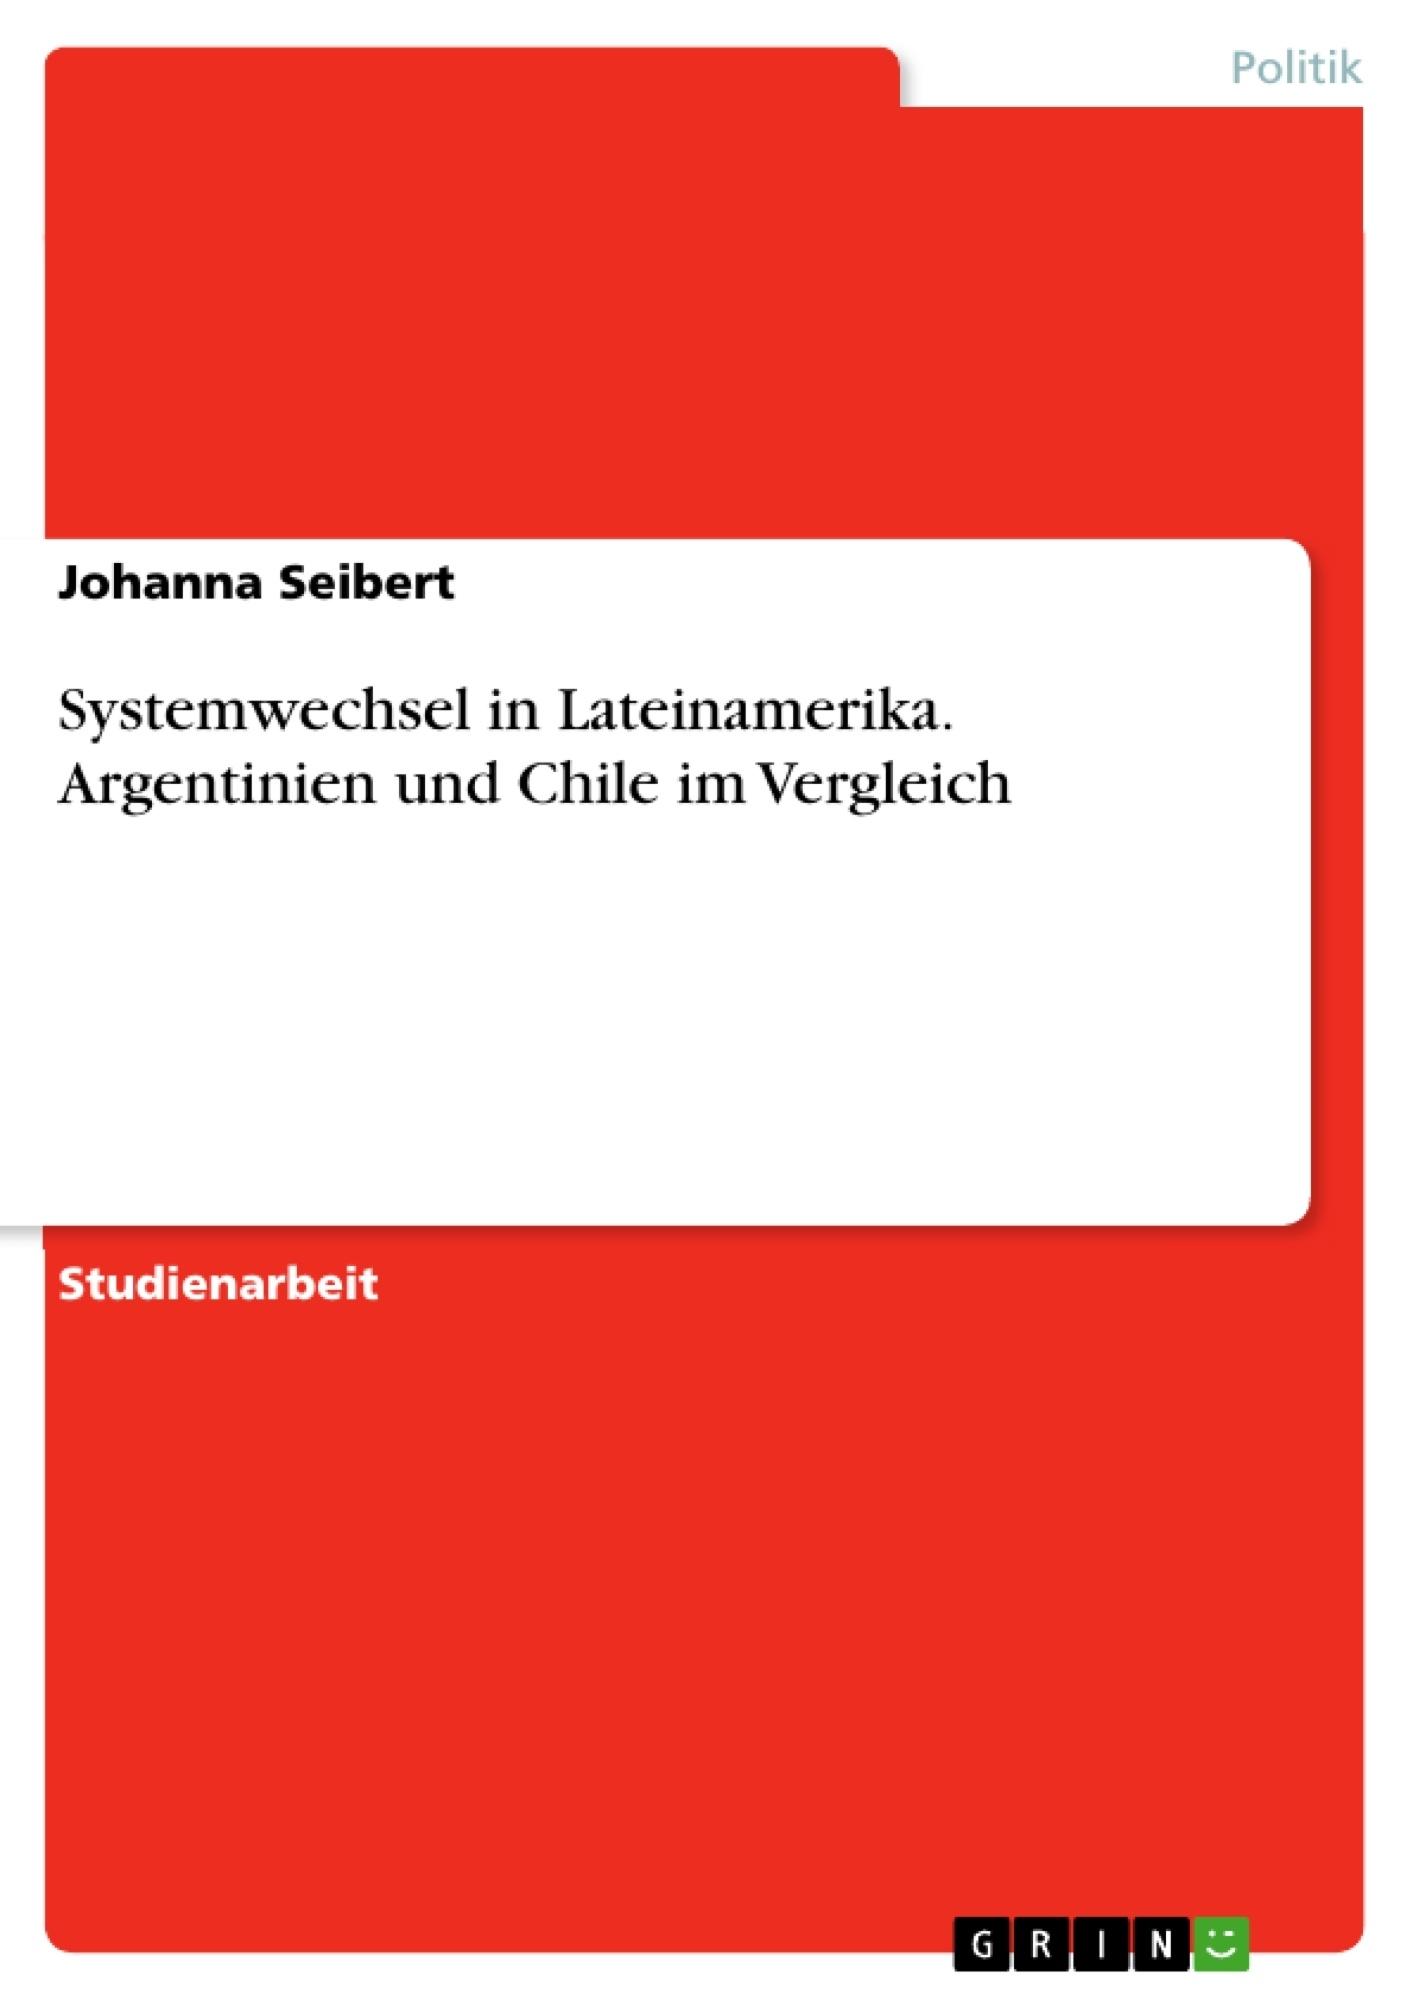 Titel: Systemwechsel in Lateinamerika. Argentinien und Chile im Vergleich